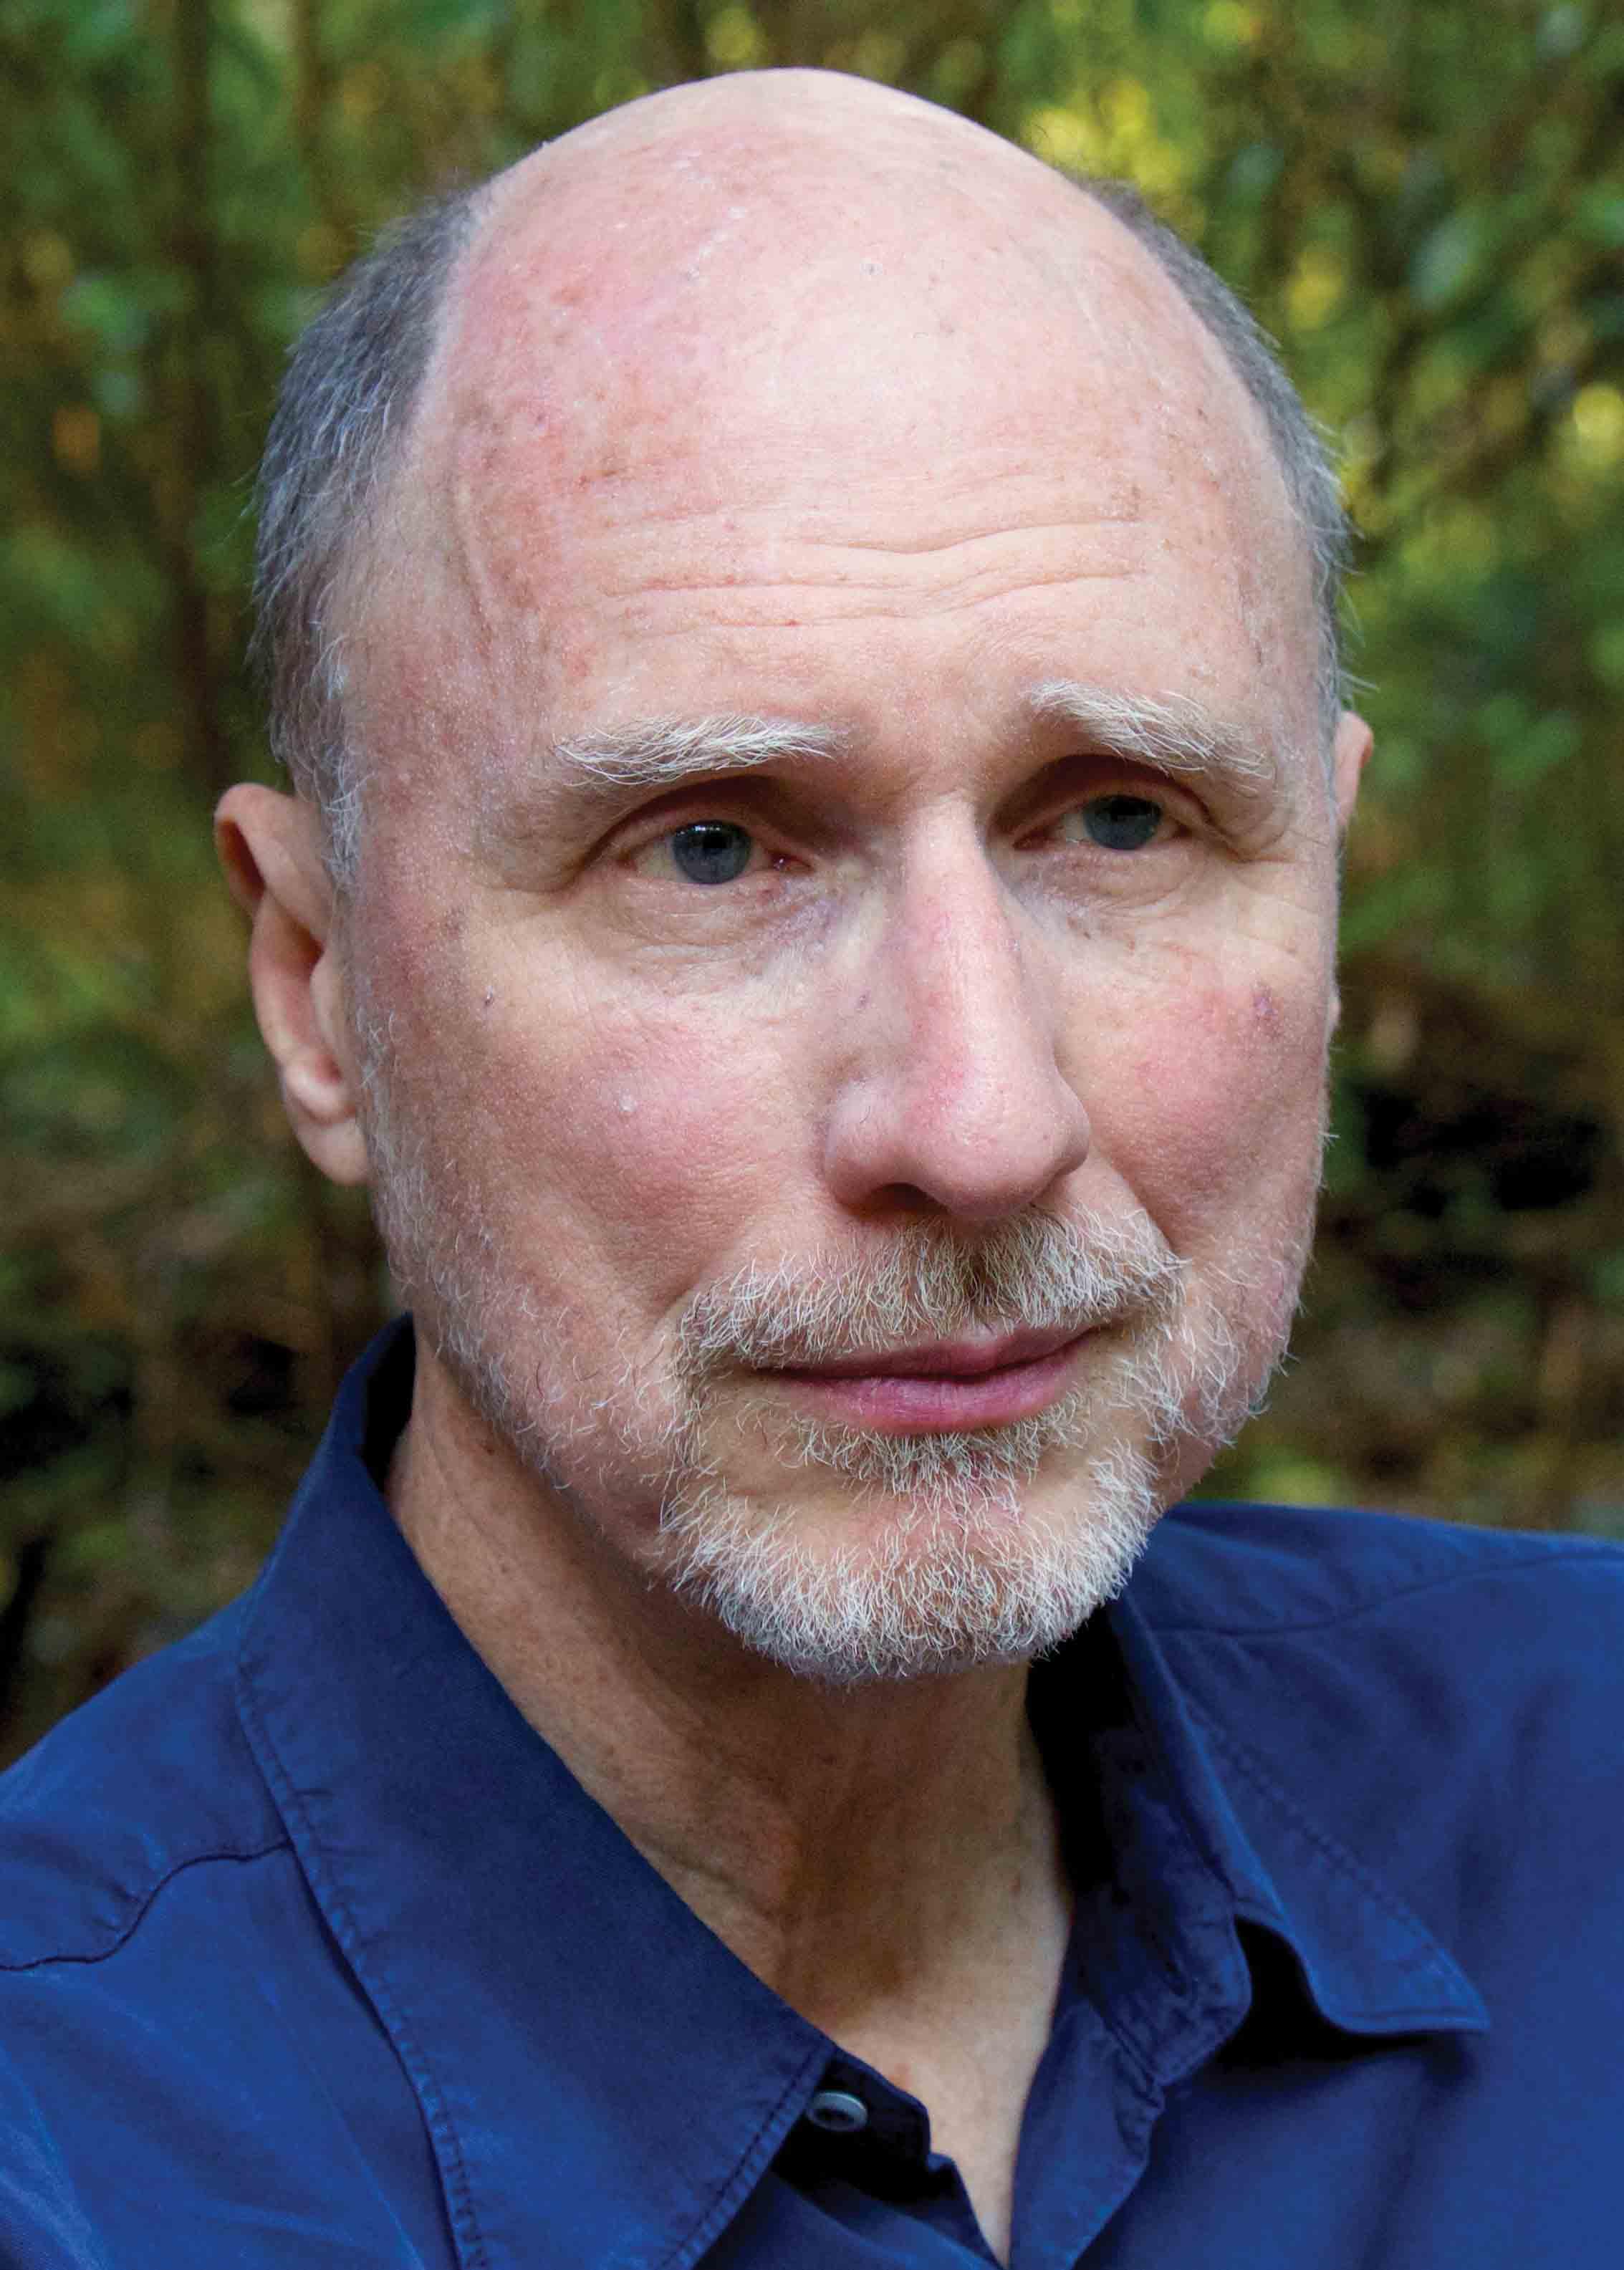 Robert Olen Butler interview: The art of yearning